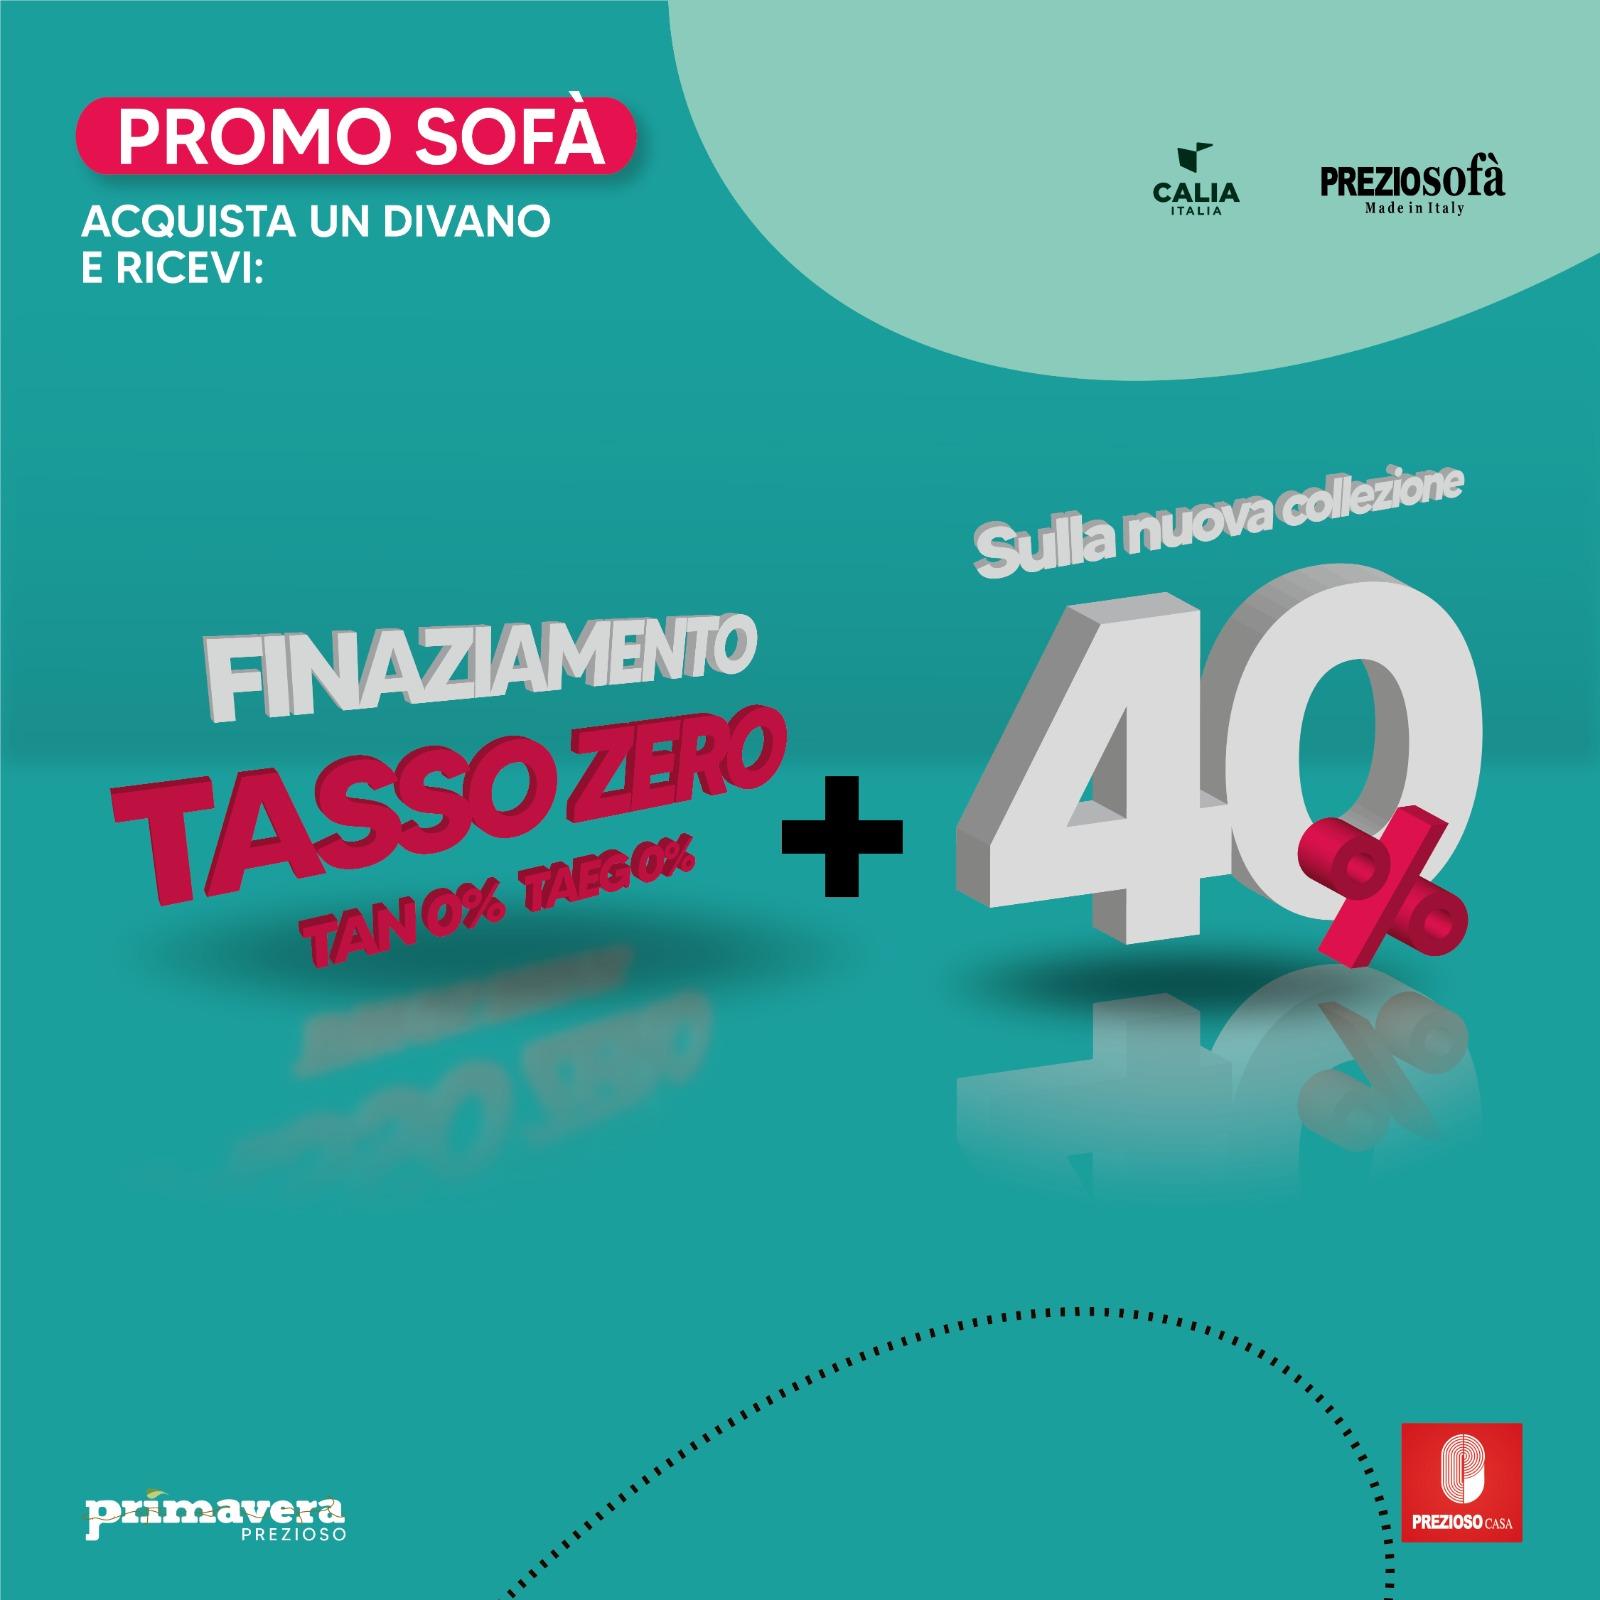 Promo Sofà